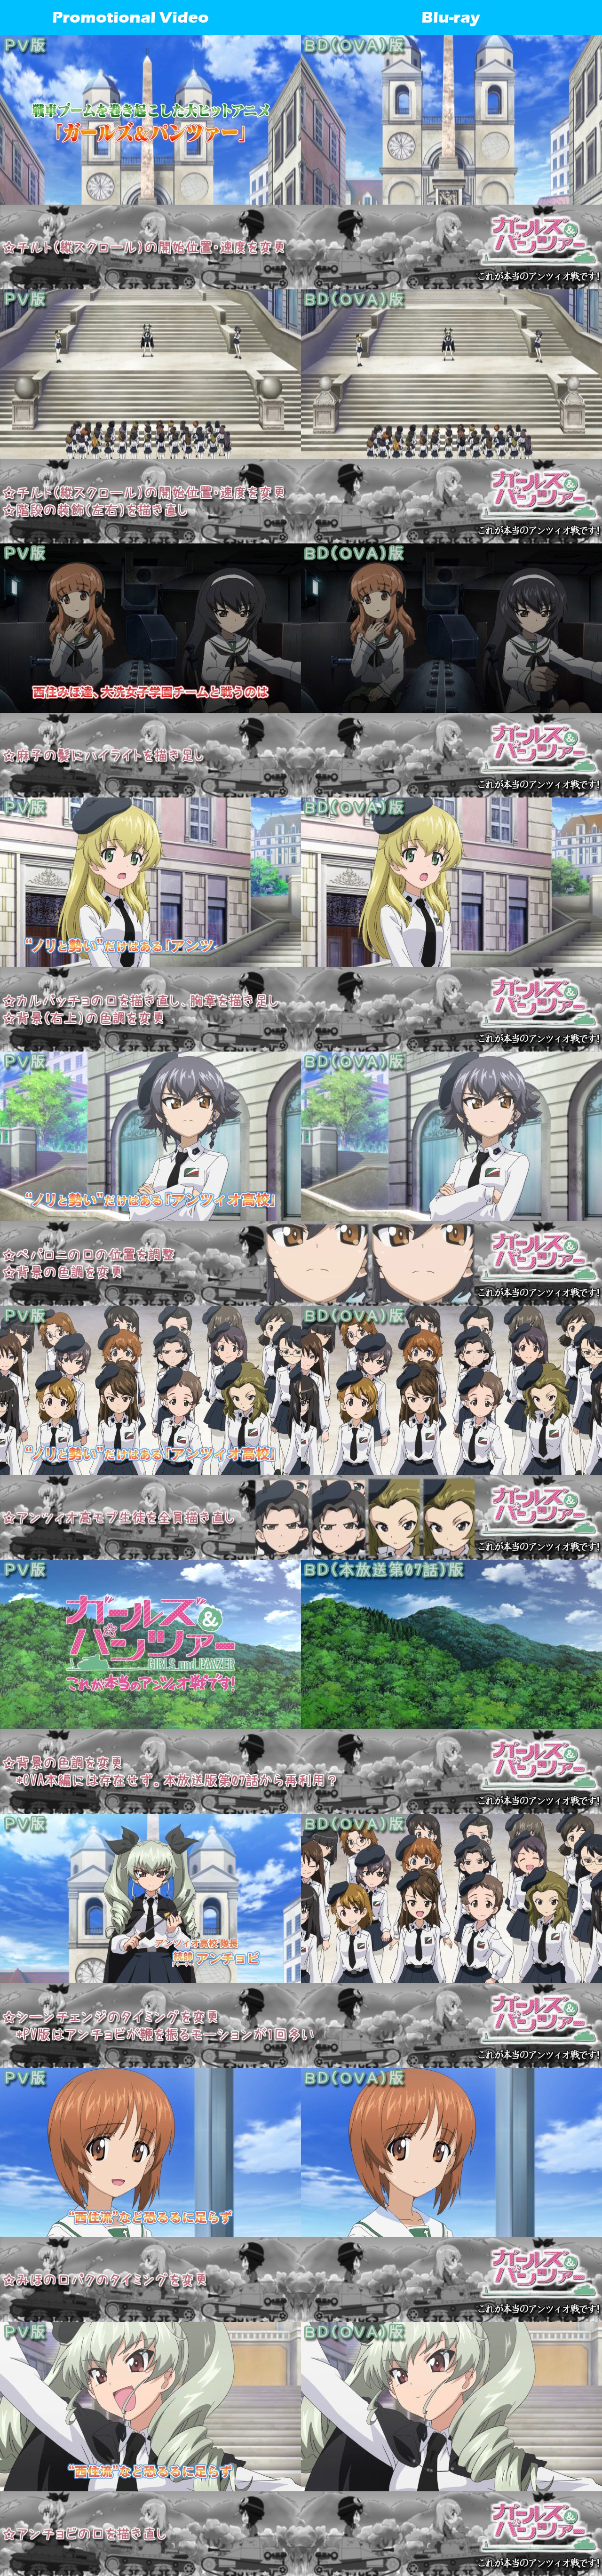 Girls-Und-Panzer-Kore-Ga-Hontou-No-Anzio-Sen-Desu-TV-and-Blu-ray-Comparison-1